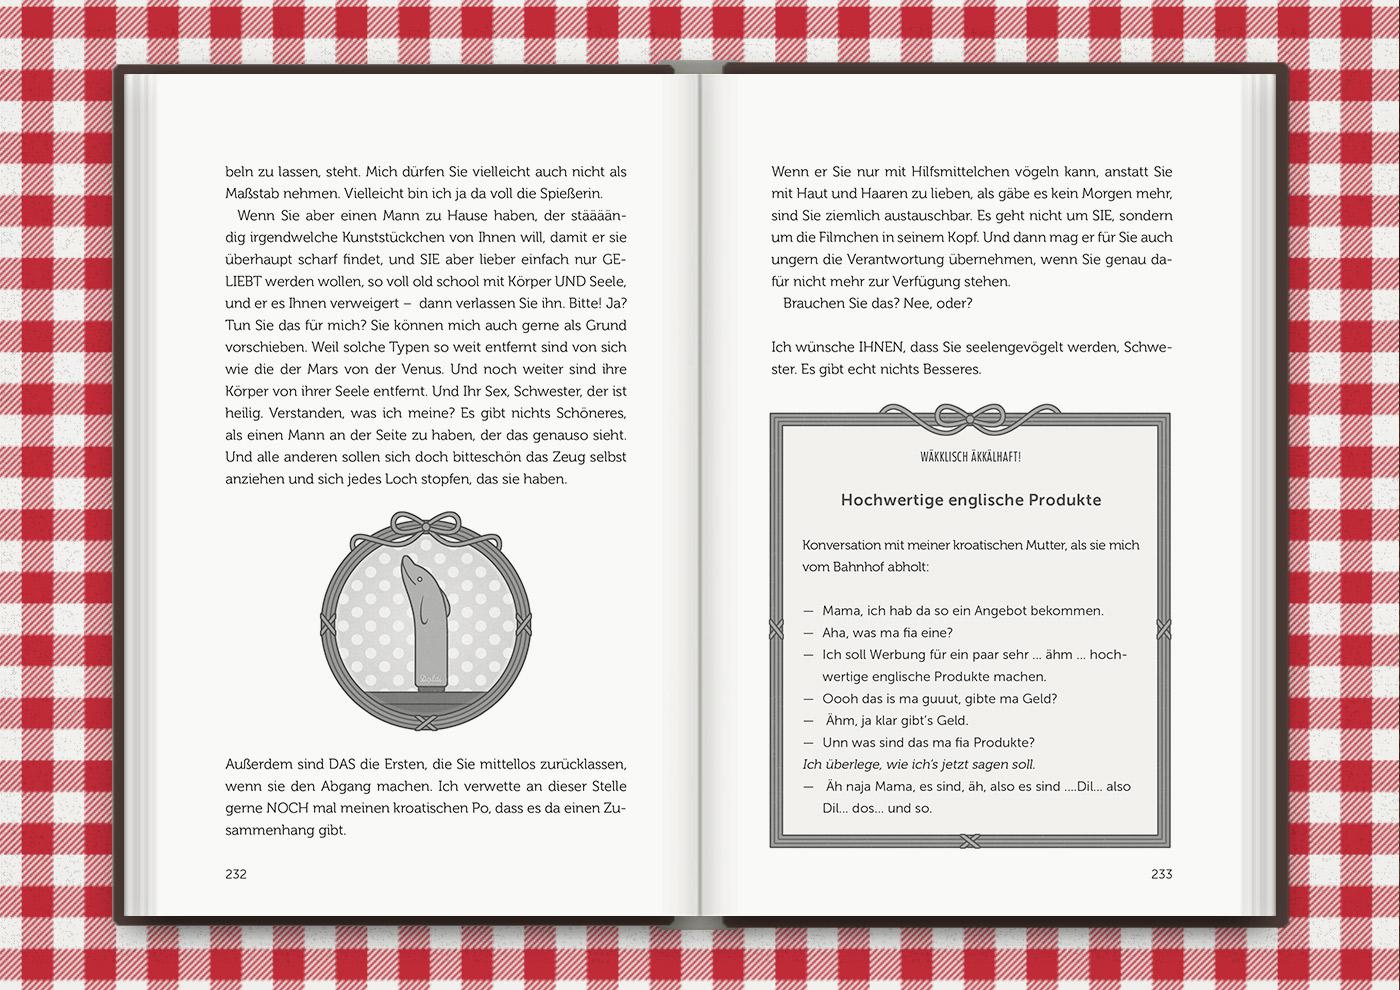 Vignette von Mimi Fiedlers Delphin Doldi, für das Buch Brauchsu keine Doktor, brauchsu nur diese Buch – Die Balkantherapie für Liebe, Leib und Leben von Mimi Fiedler im MVG Verlag